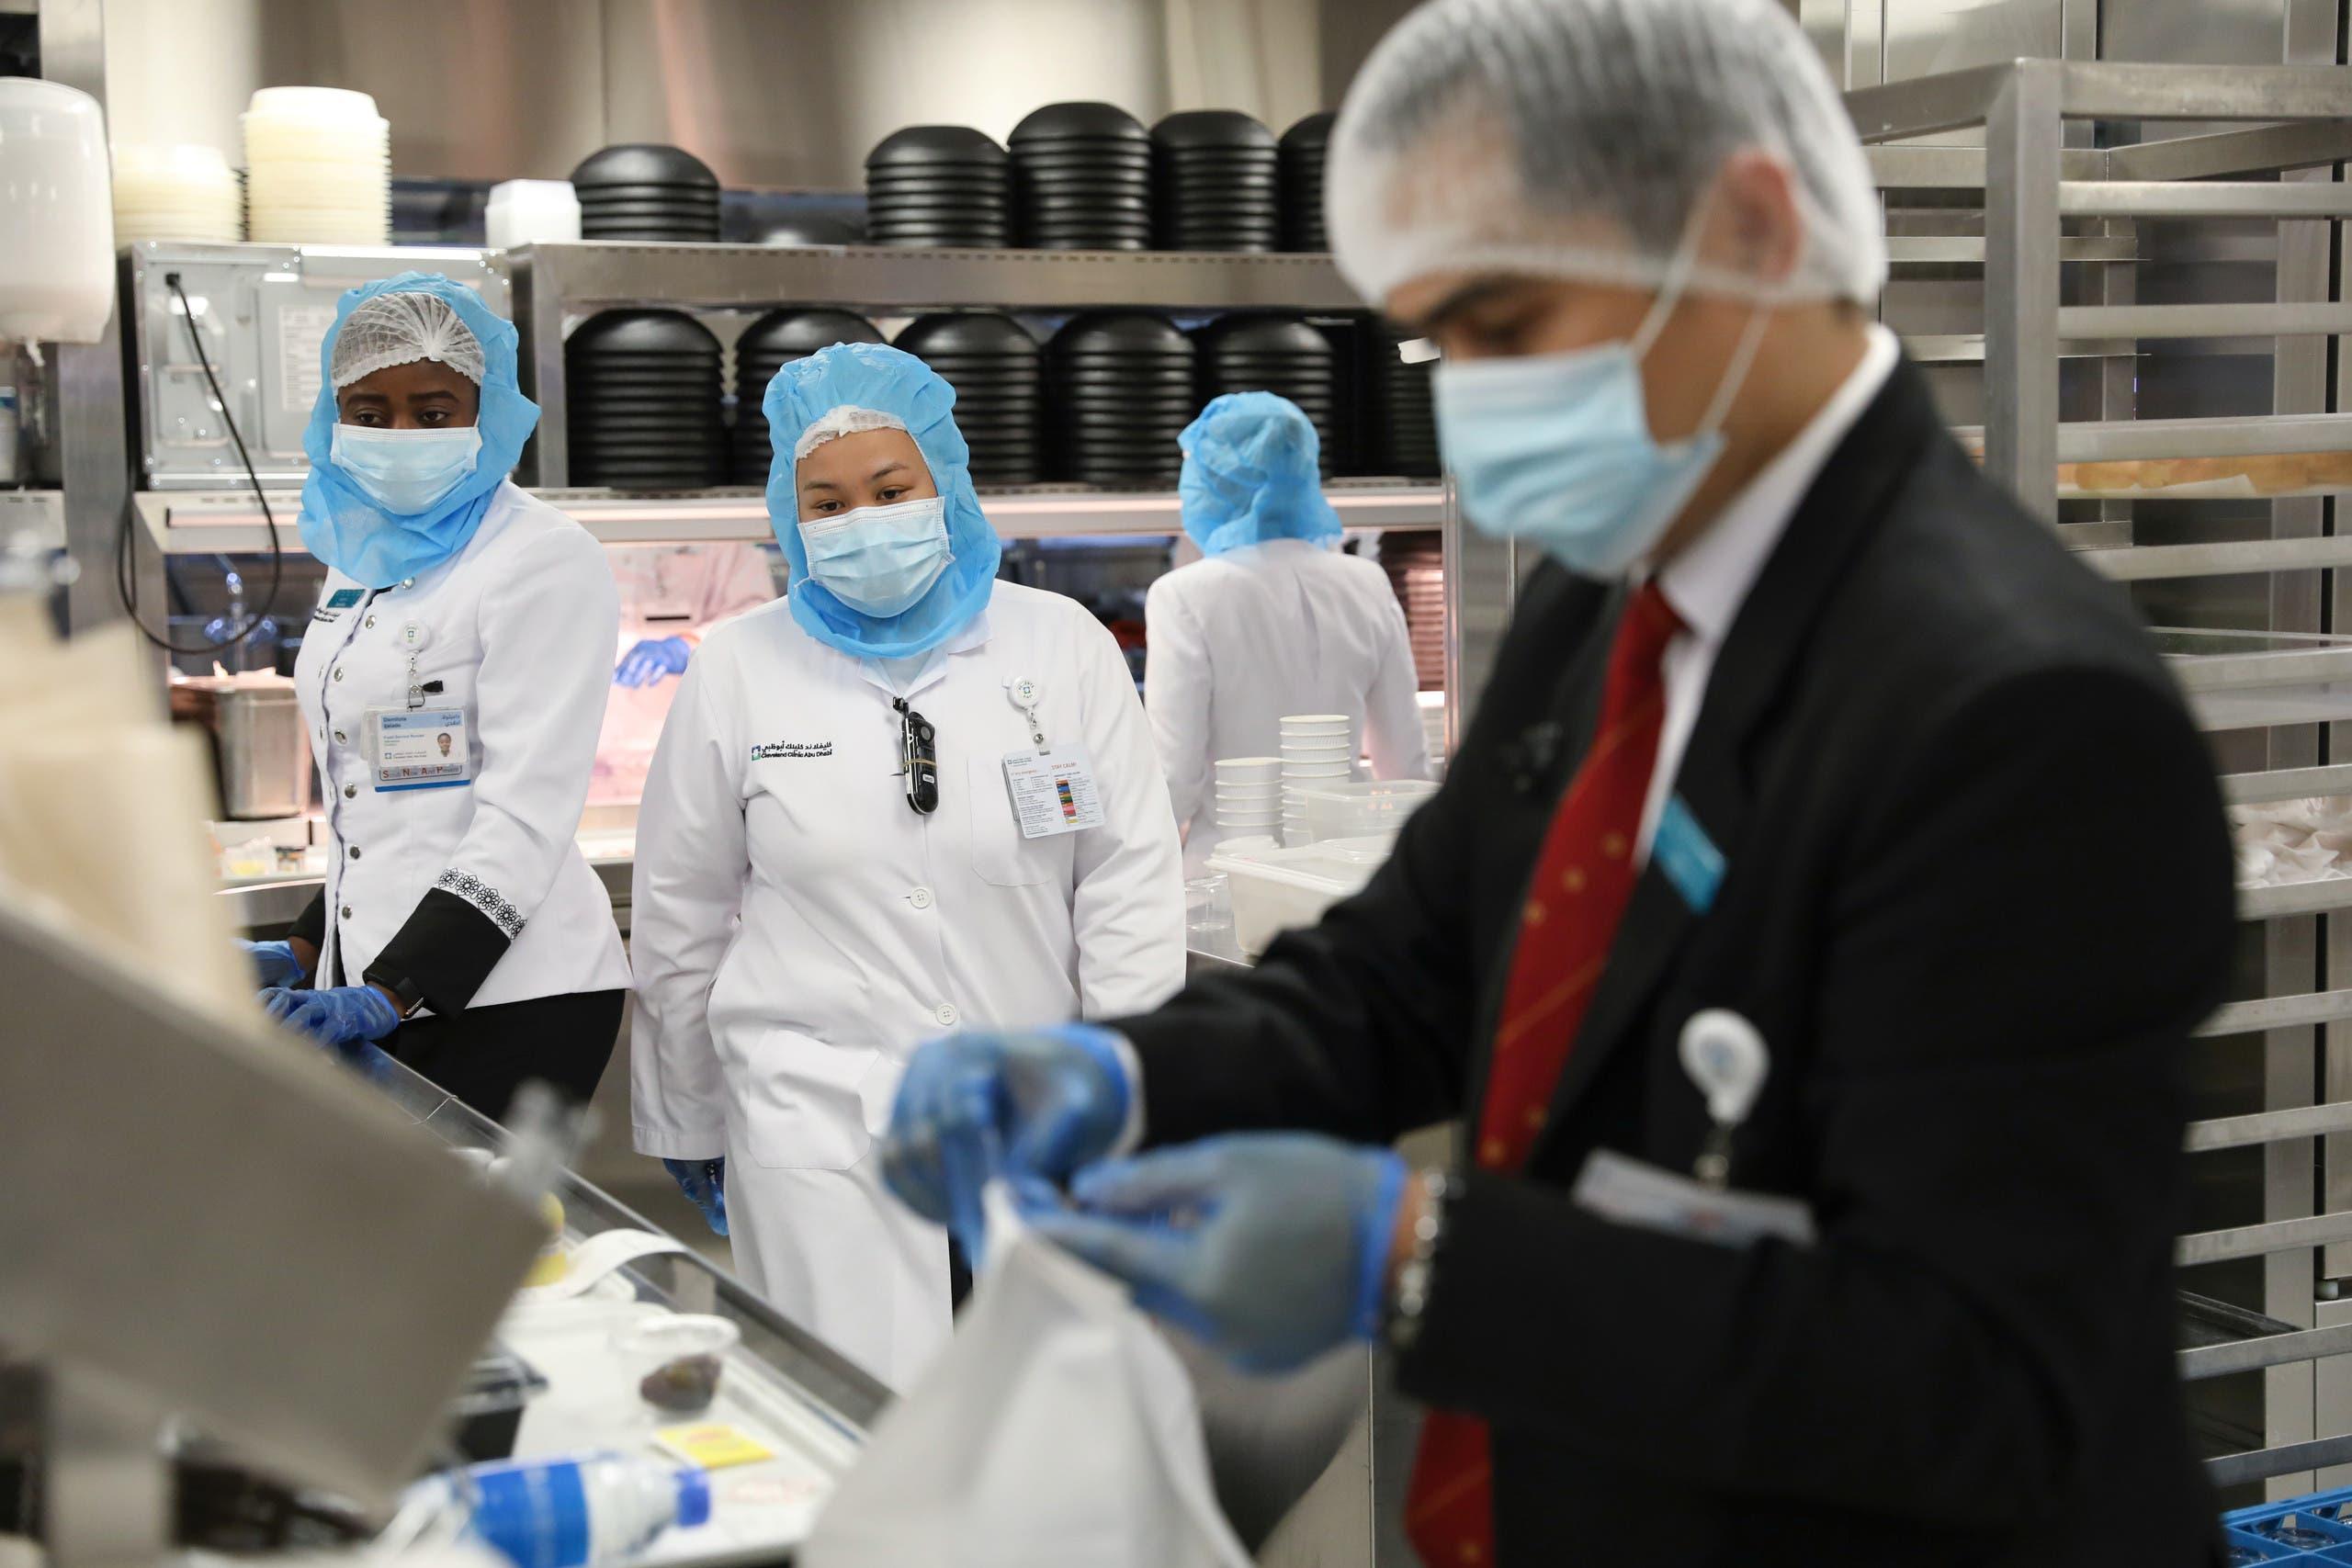 موظفون في مستشفى بأبوظبي يعدون الطعام لمرضى كورونا